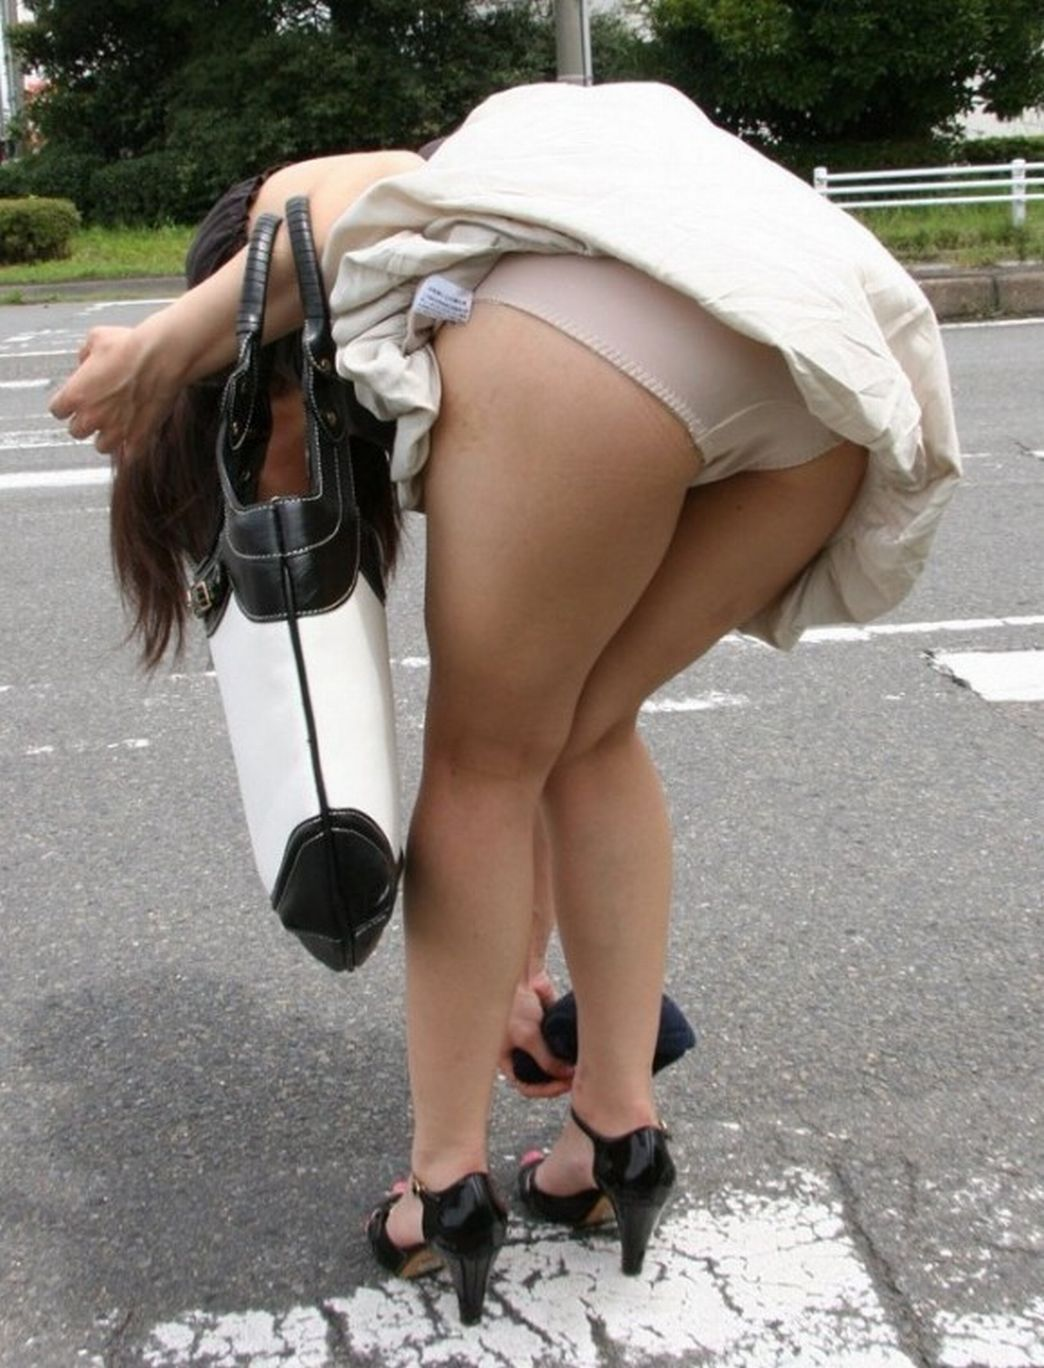 【丸み】尻画像 part70【光沢】 [無断転載禁止]©bbspink.com->画像>691枚